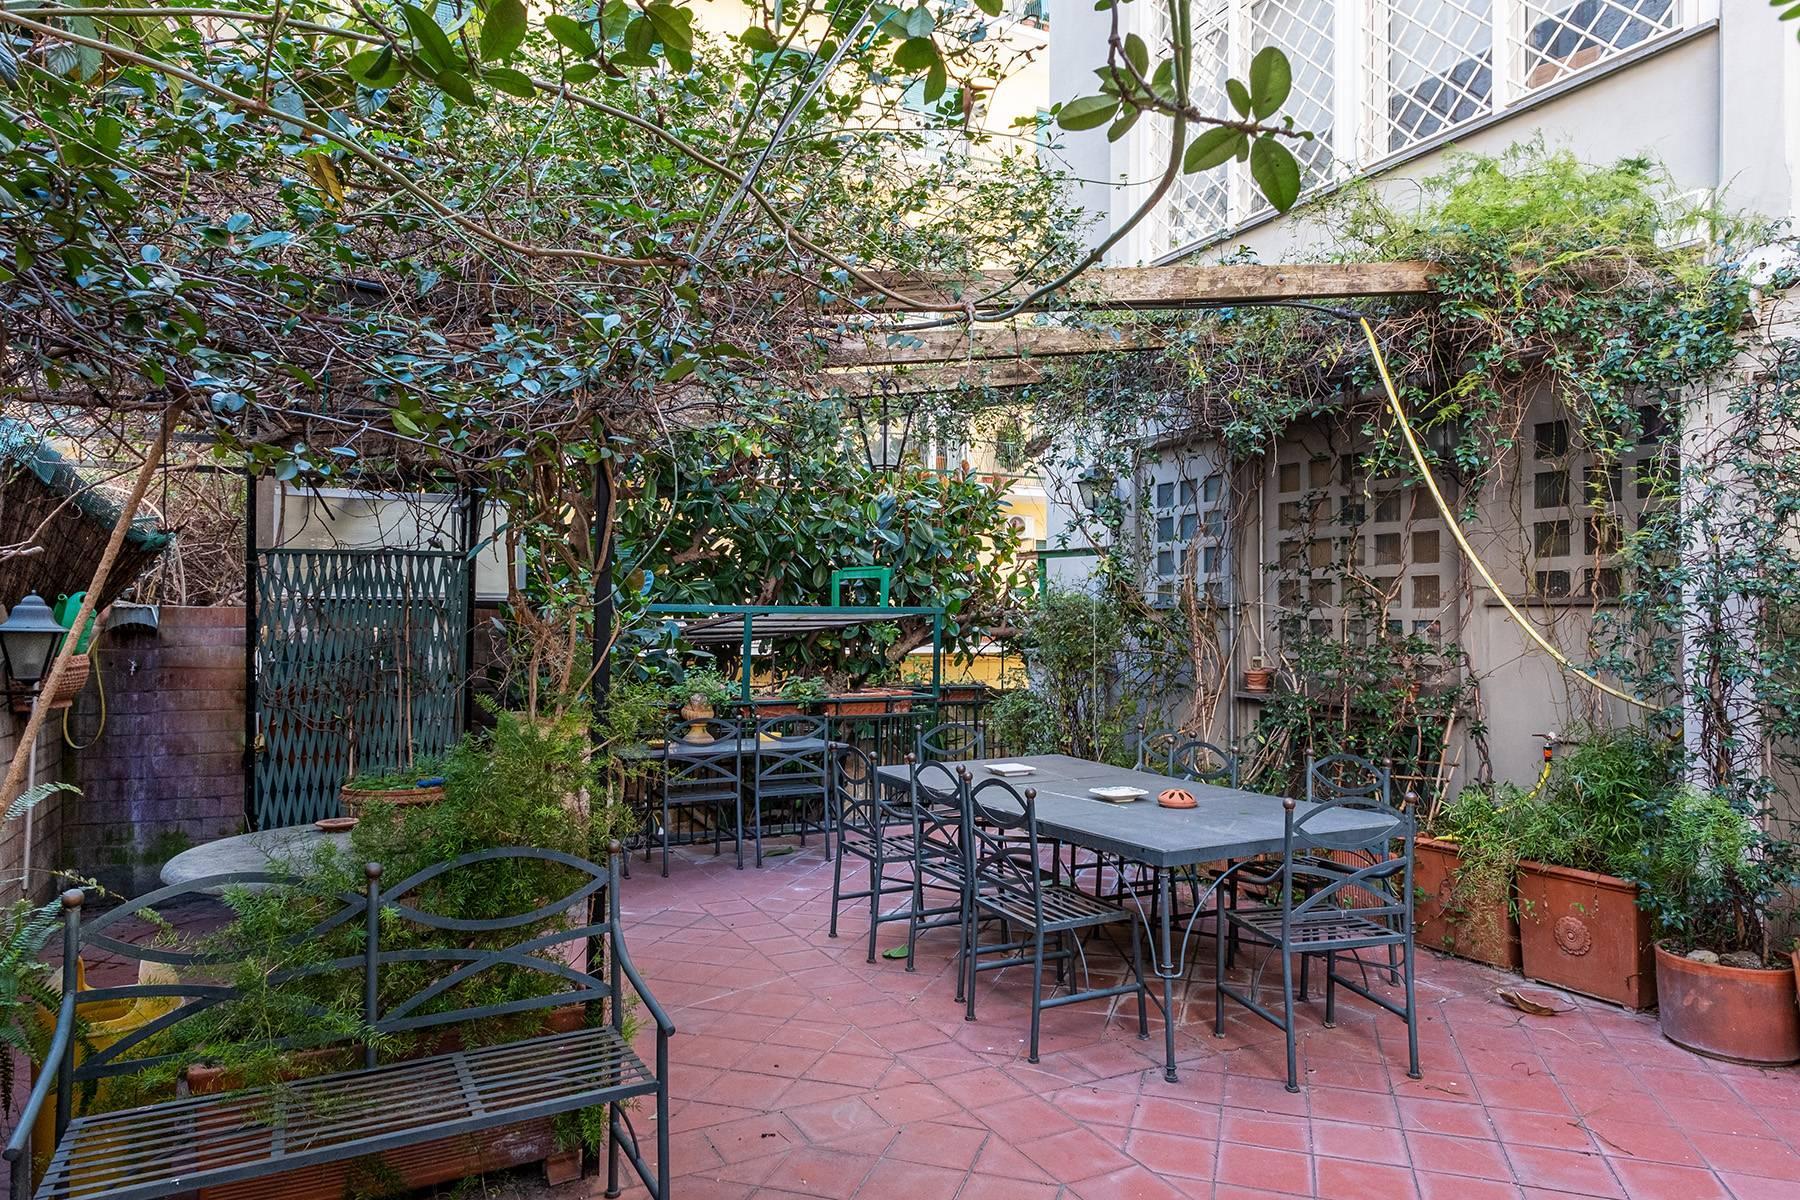 Eclettica dimora indipendente con terrazza e giardino - 13